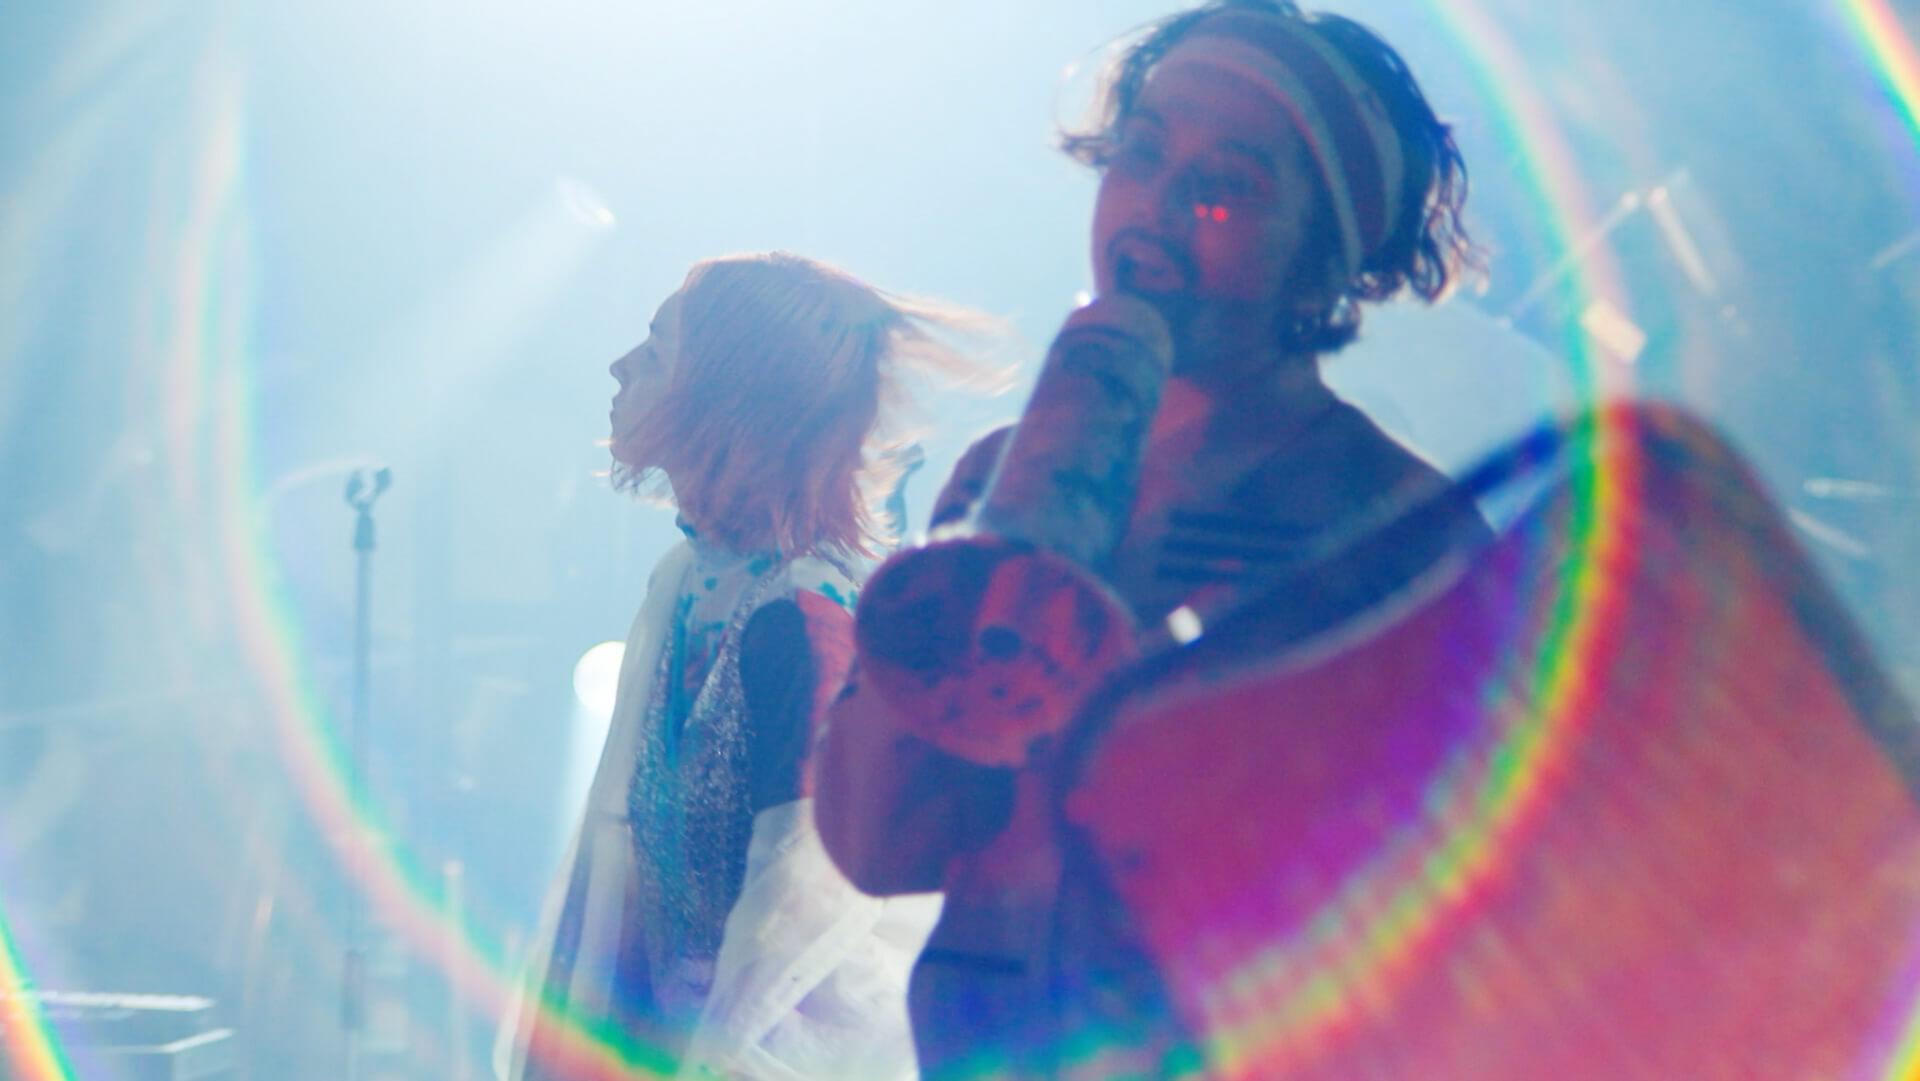 """『竜とそばかすの姫』主題歌""""U""""が話題のmillennium paradeによる<Splendour XR>でのライブ映像が公開中! music210726_millenniumparade_1"""